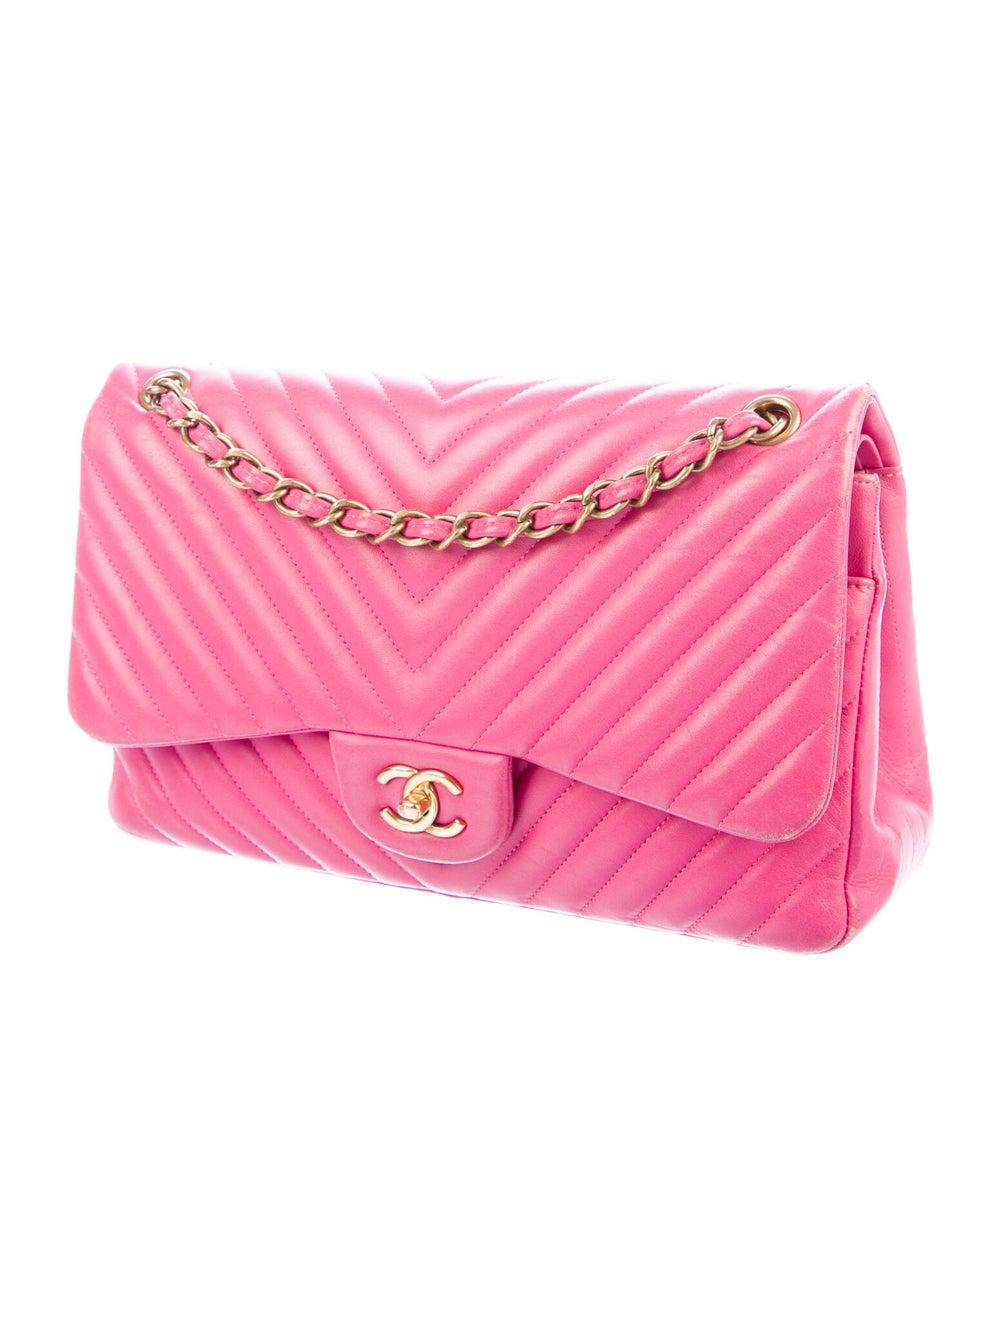 Chanel Chevron Jumbo Classic Double Flap Bag Pink - image 3